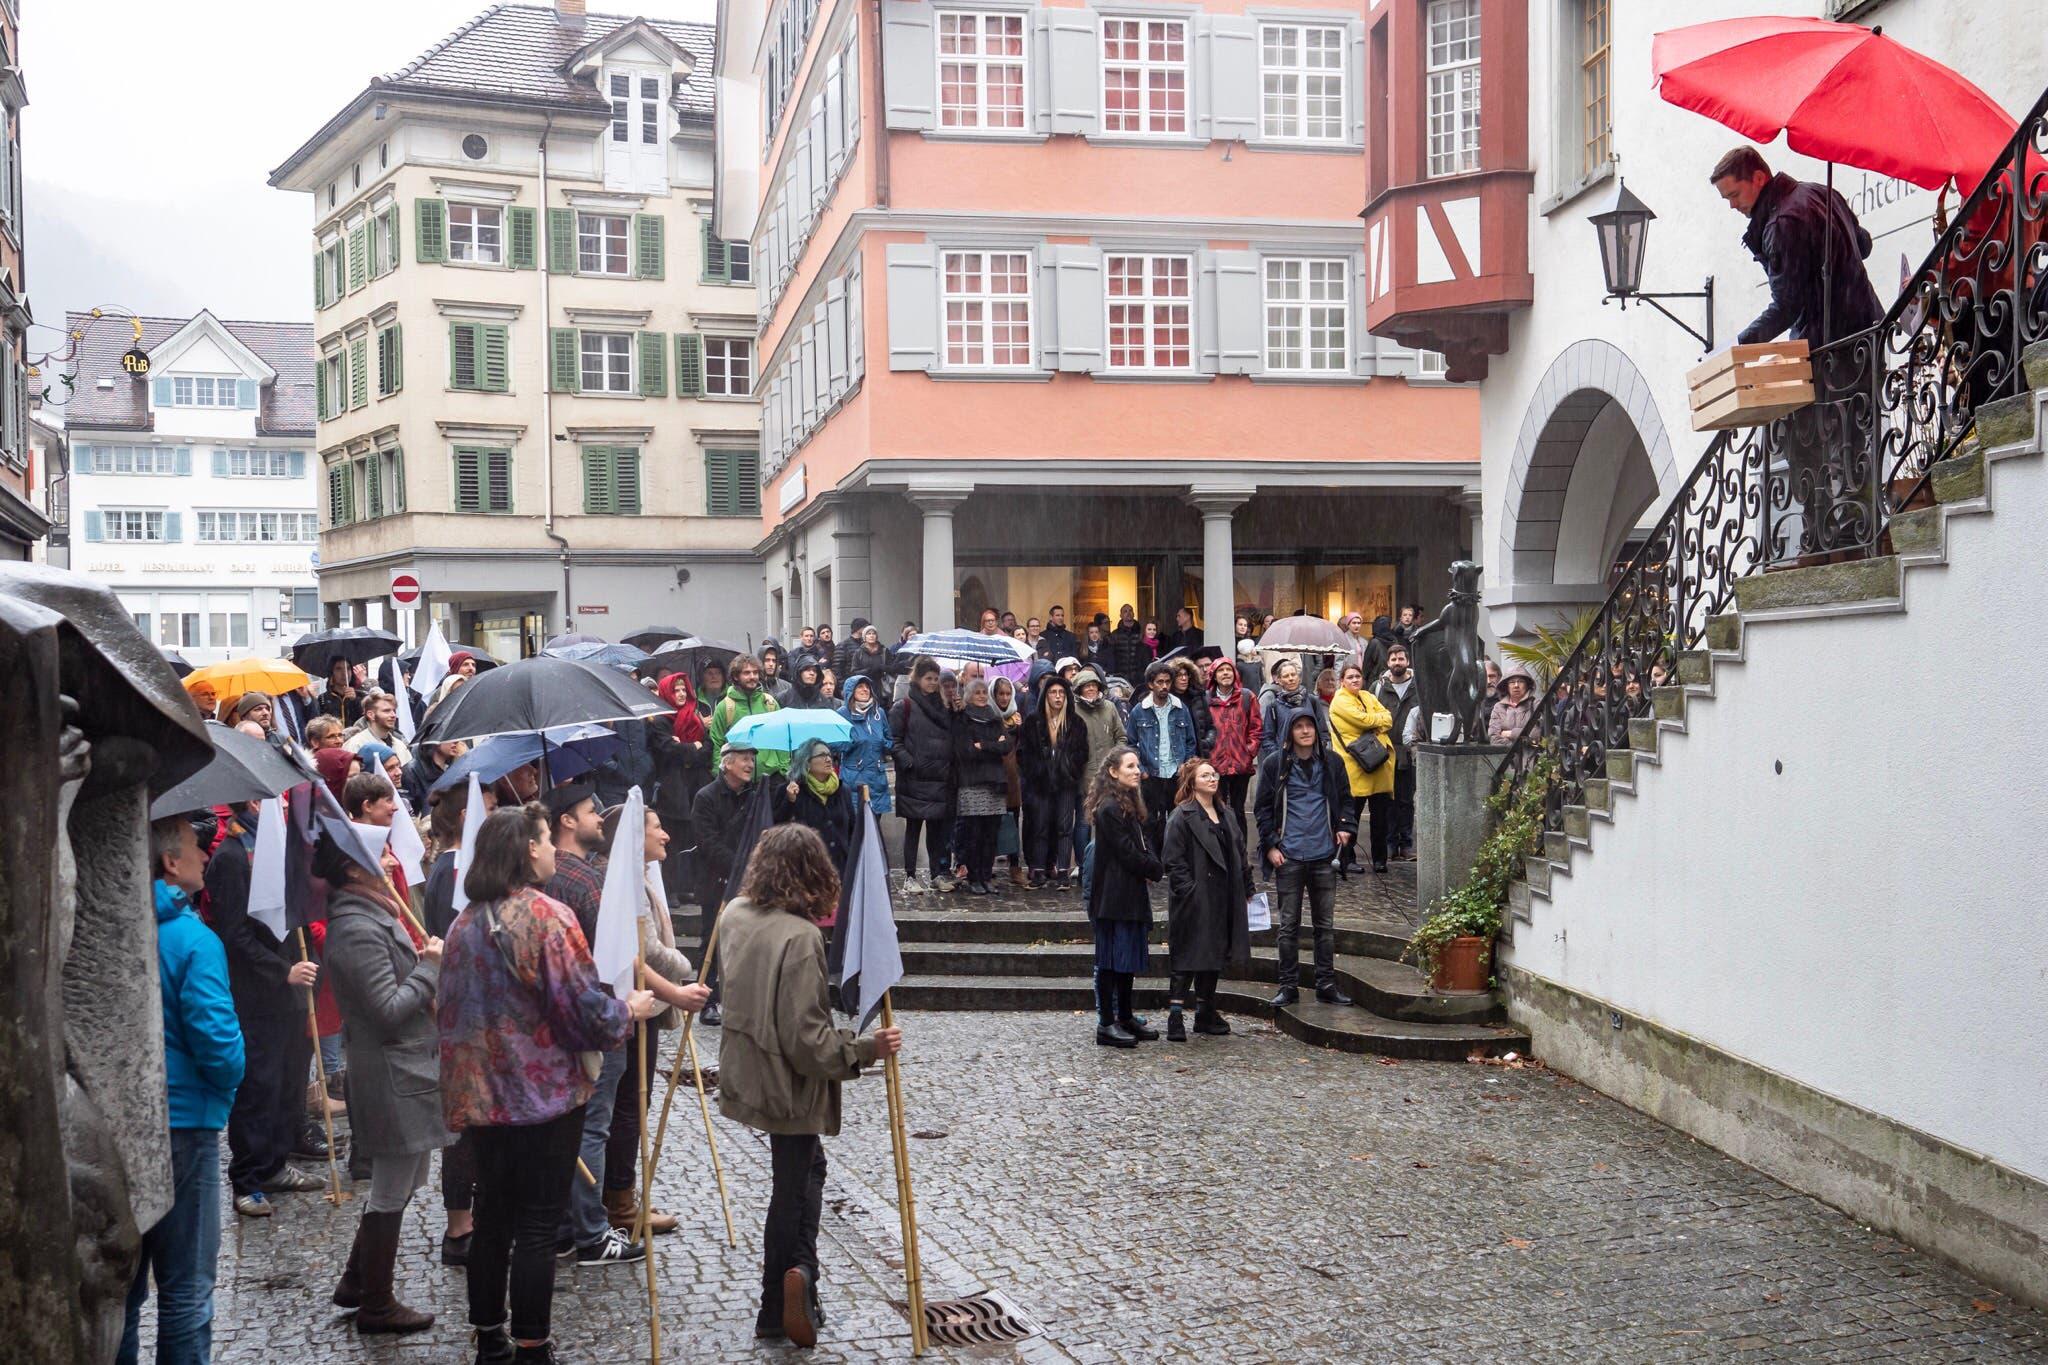 Am 9. März 2019 eröffnete das Rathaus für Kultur mit einem Festakt.